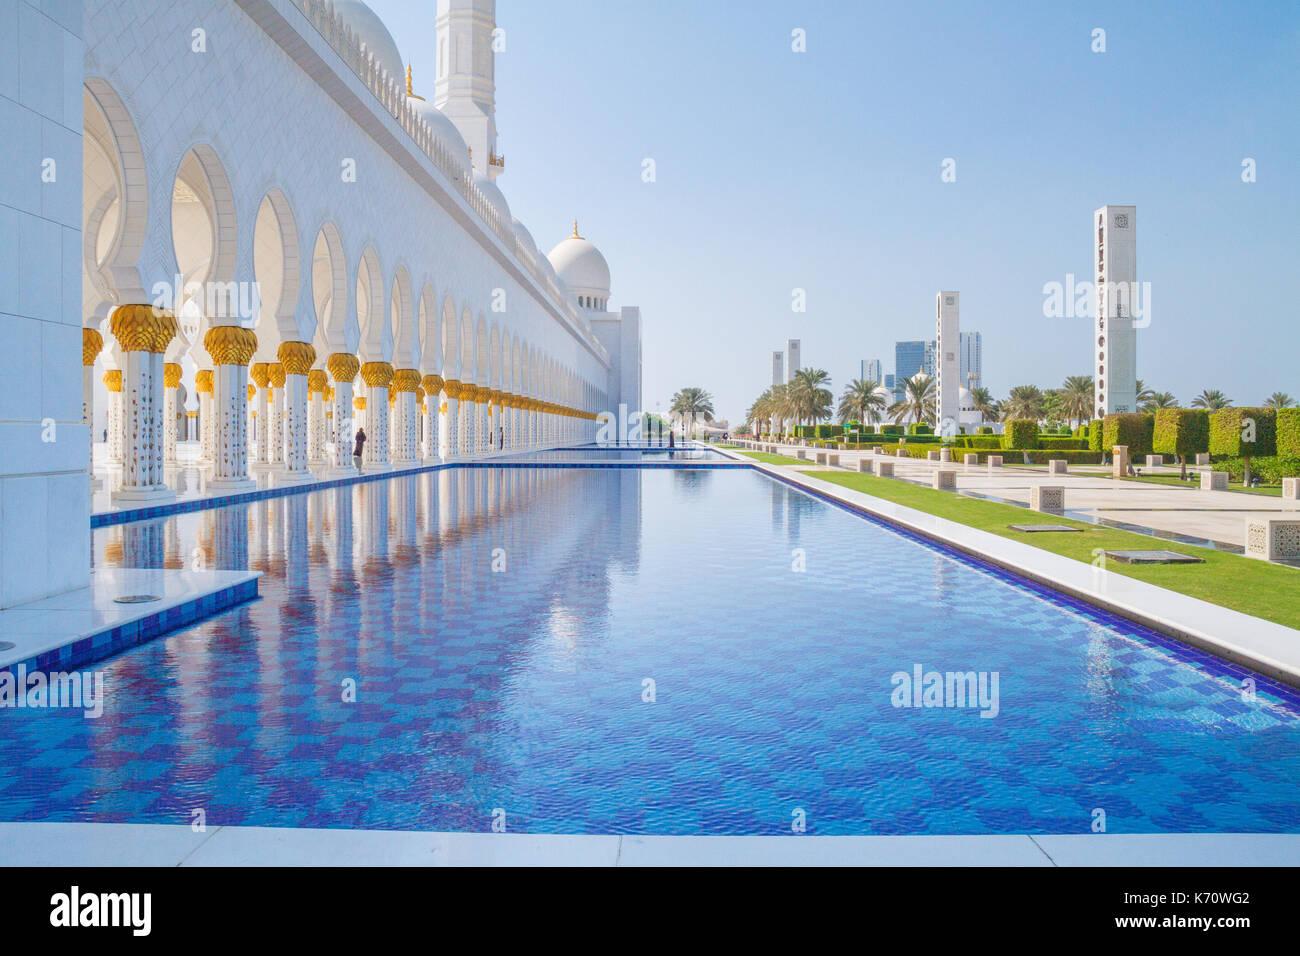 Abu dhabi uae swimming pool stock photos abu dhabi uae - Swimming pool construction companies in uae ...